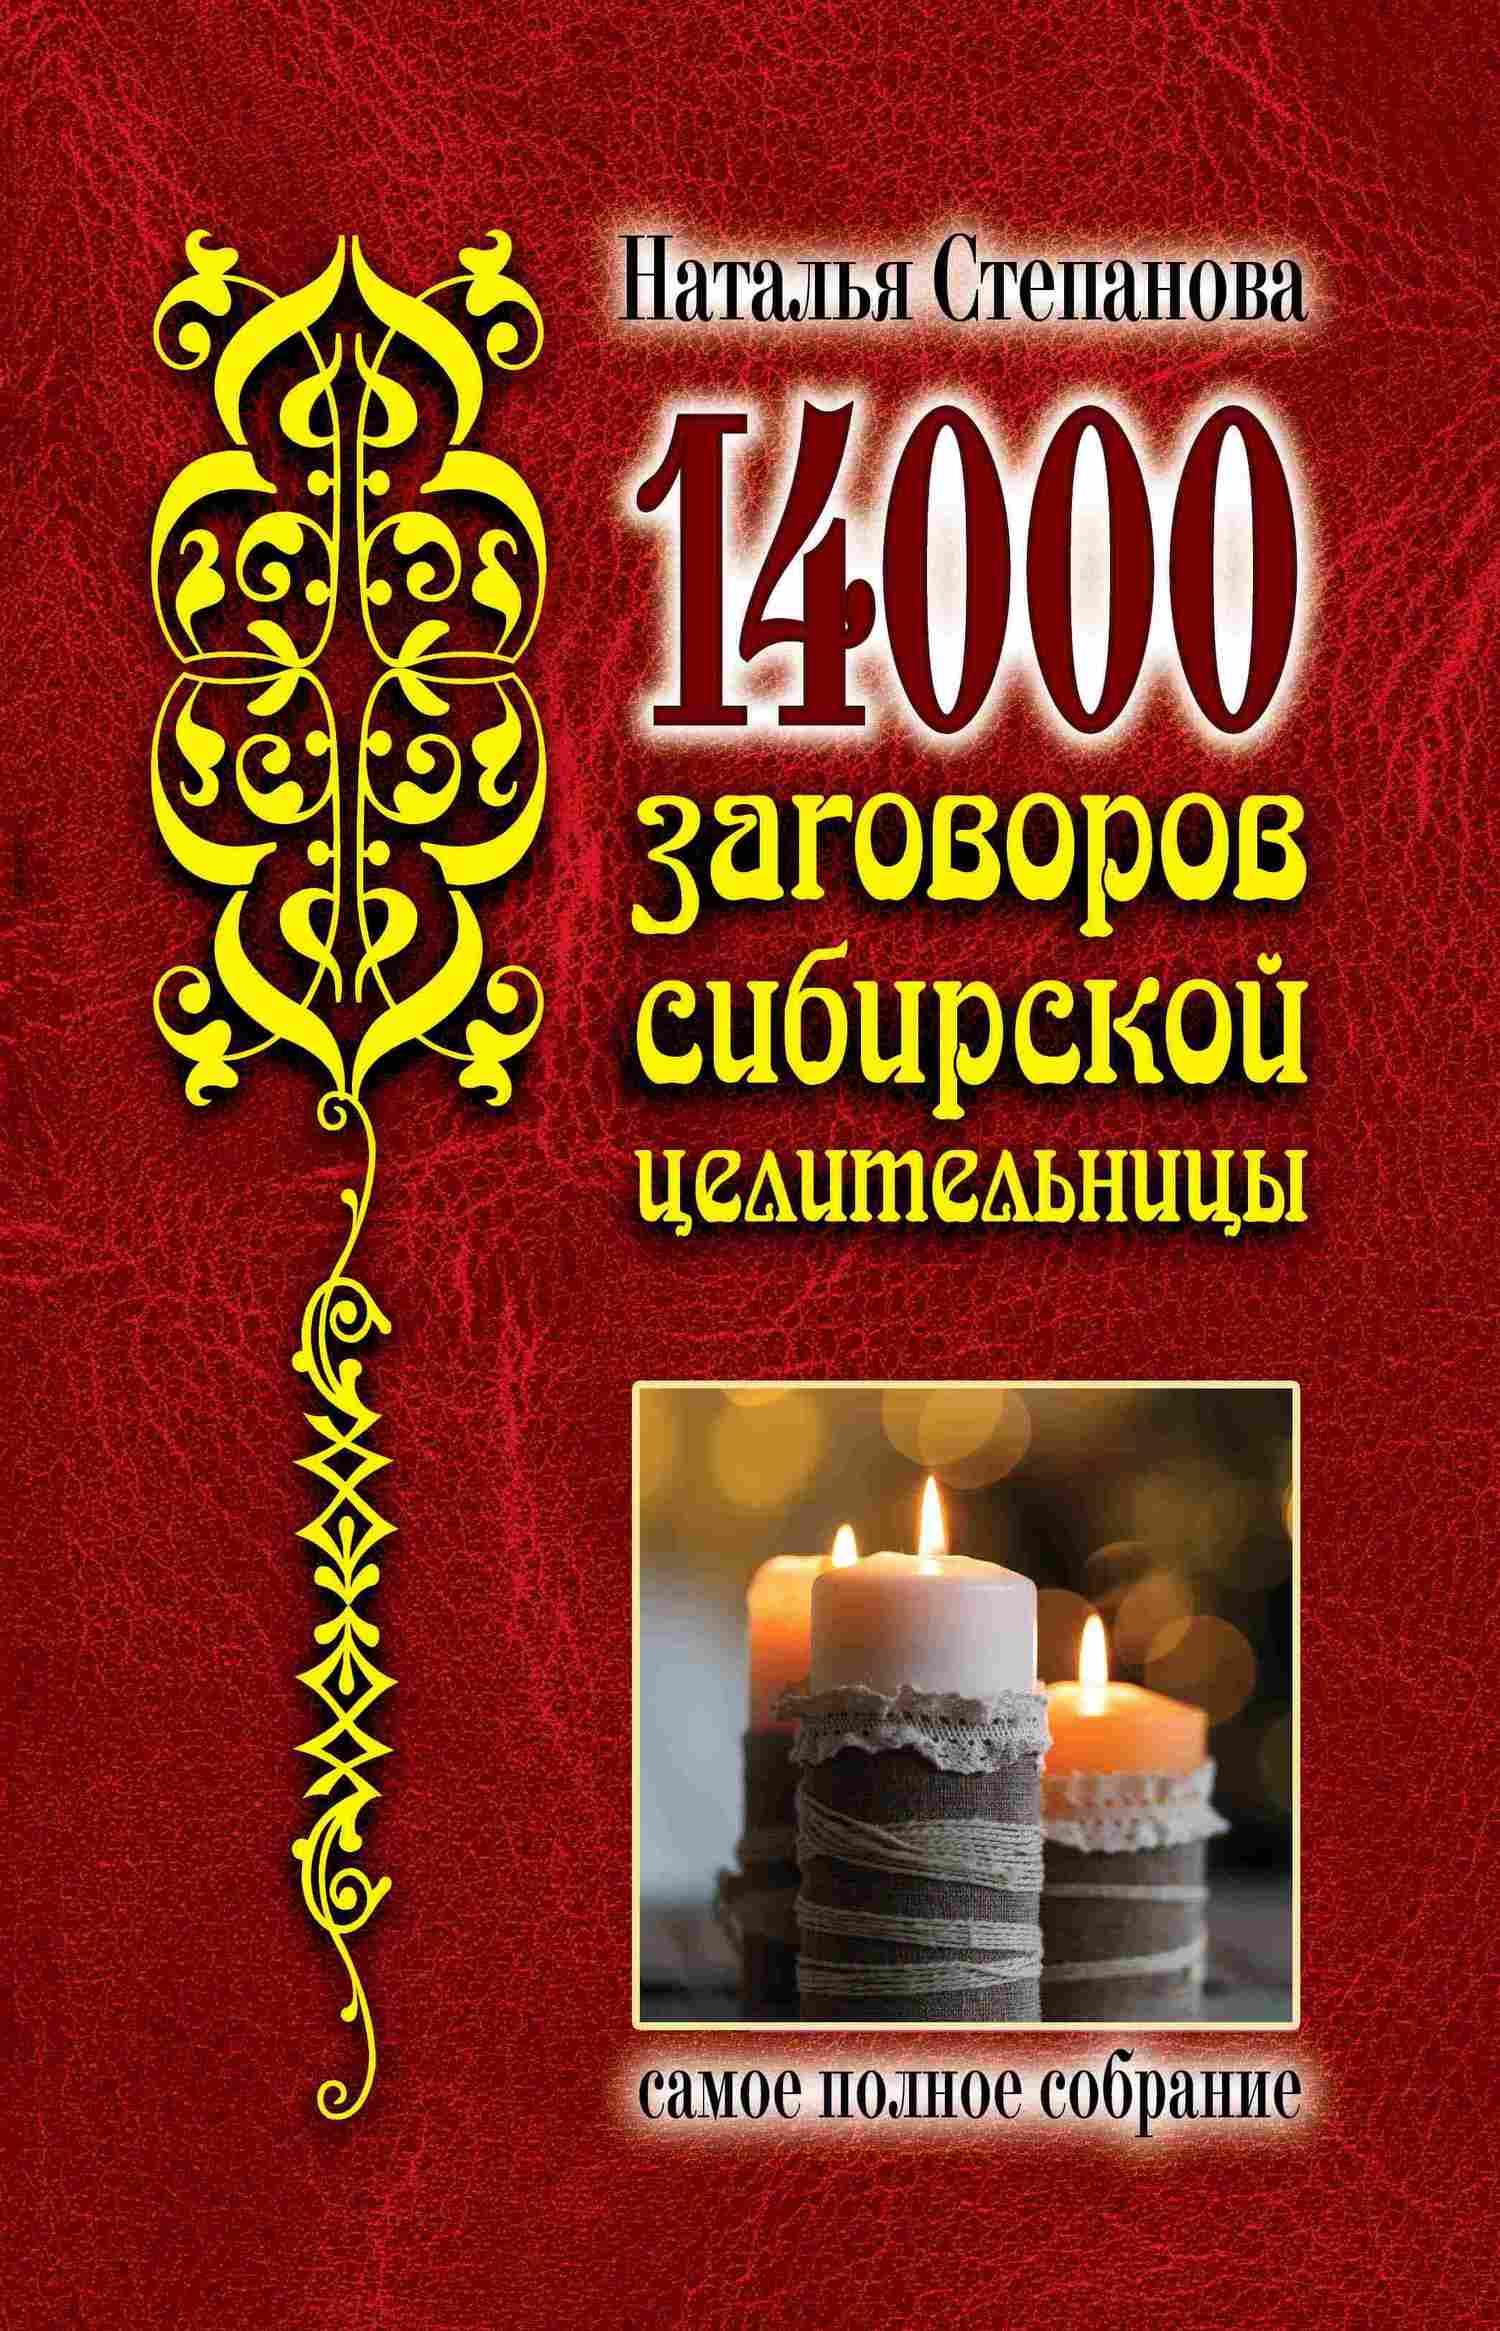 Читать книгу заговоры сибирской целительницы. выпуск 36 натальи степановой : онлайн чтение - страница 1